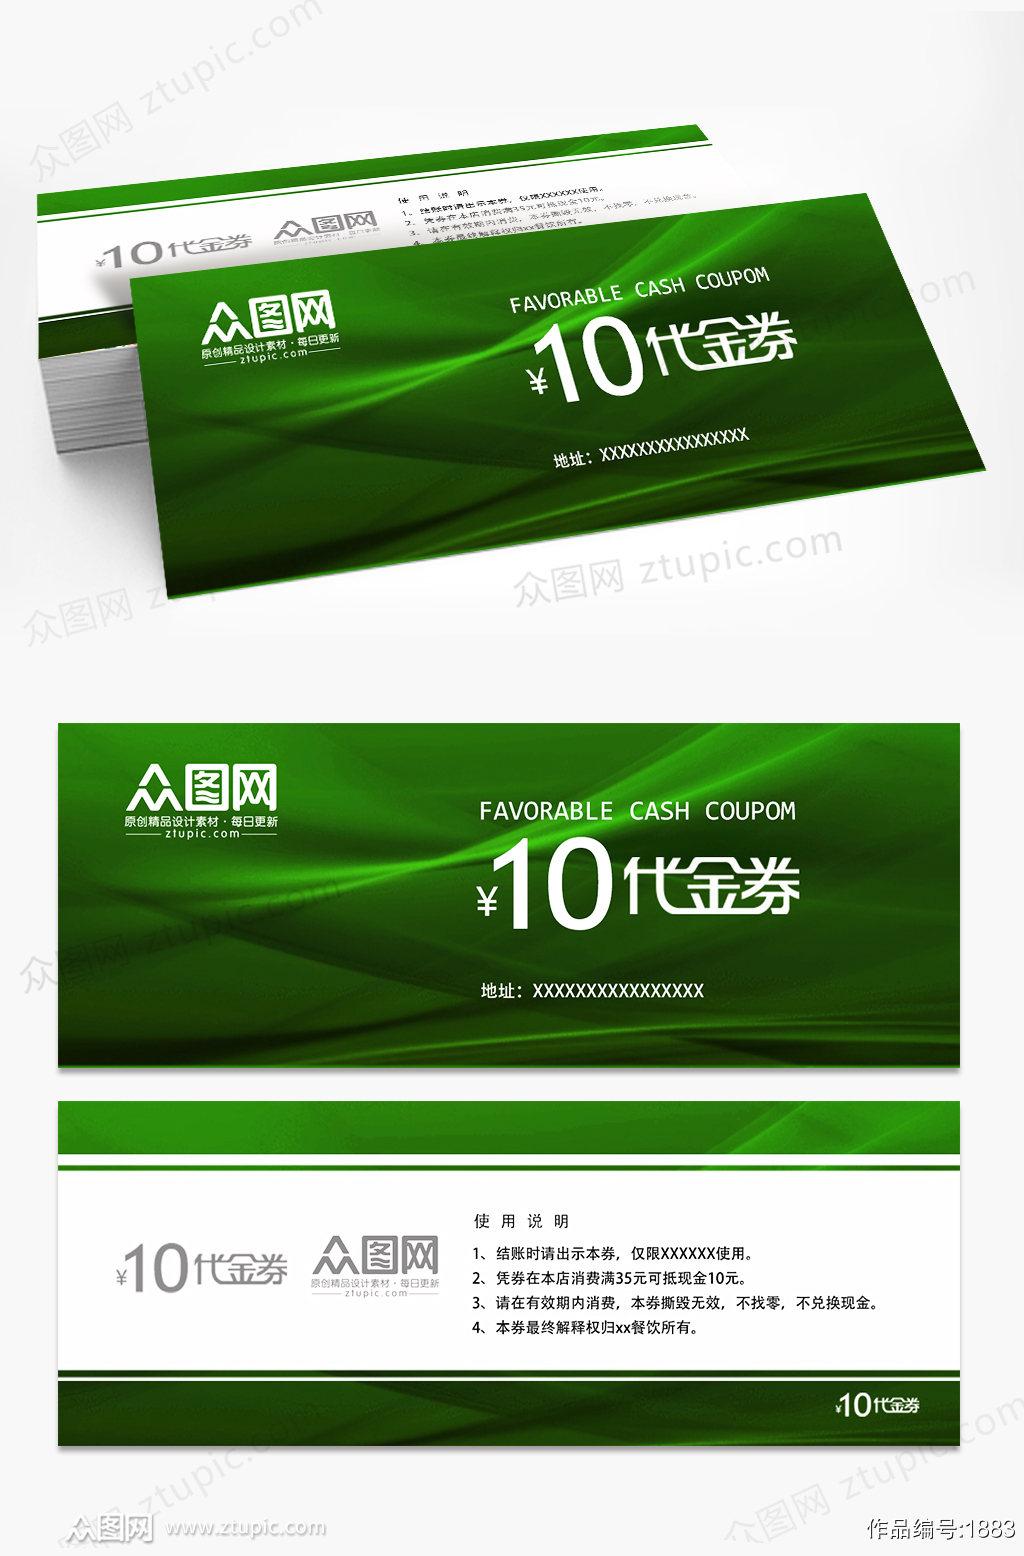 绿色潮流时尚代金券企业优惠券素材